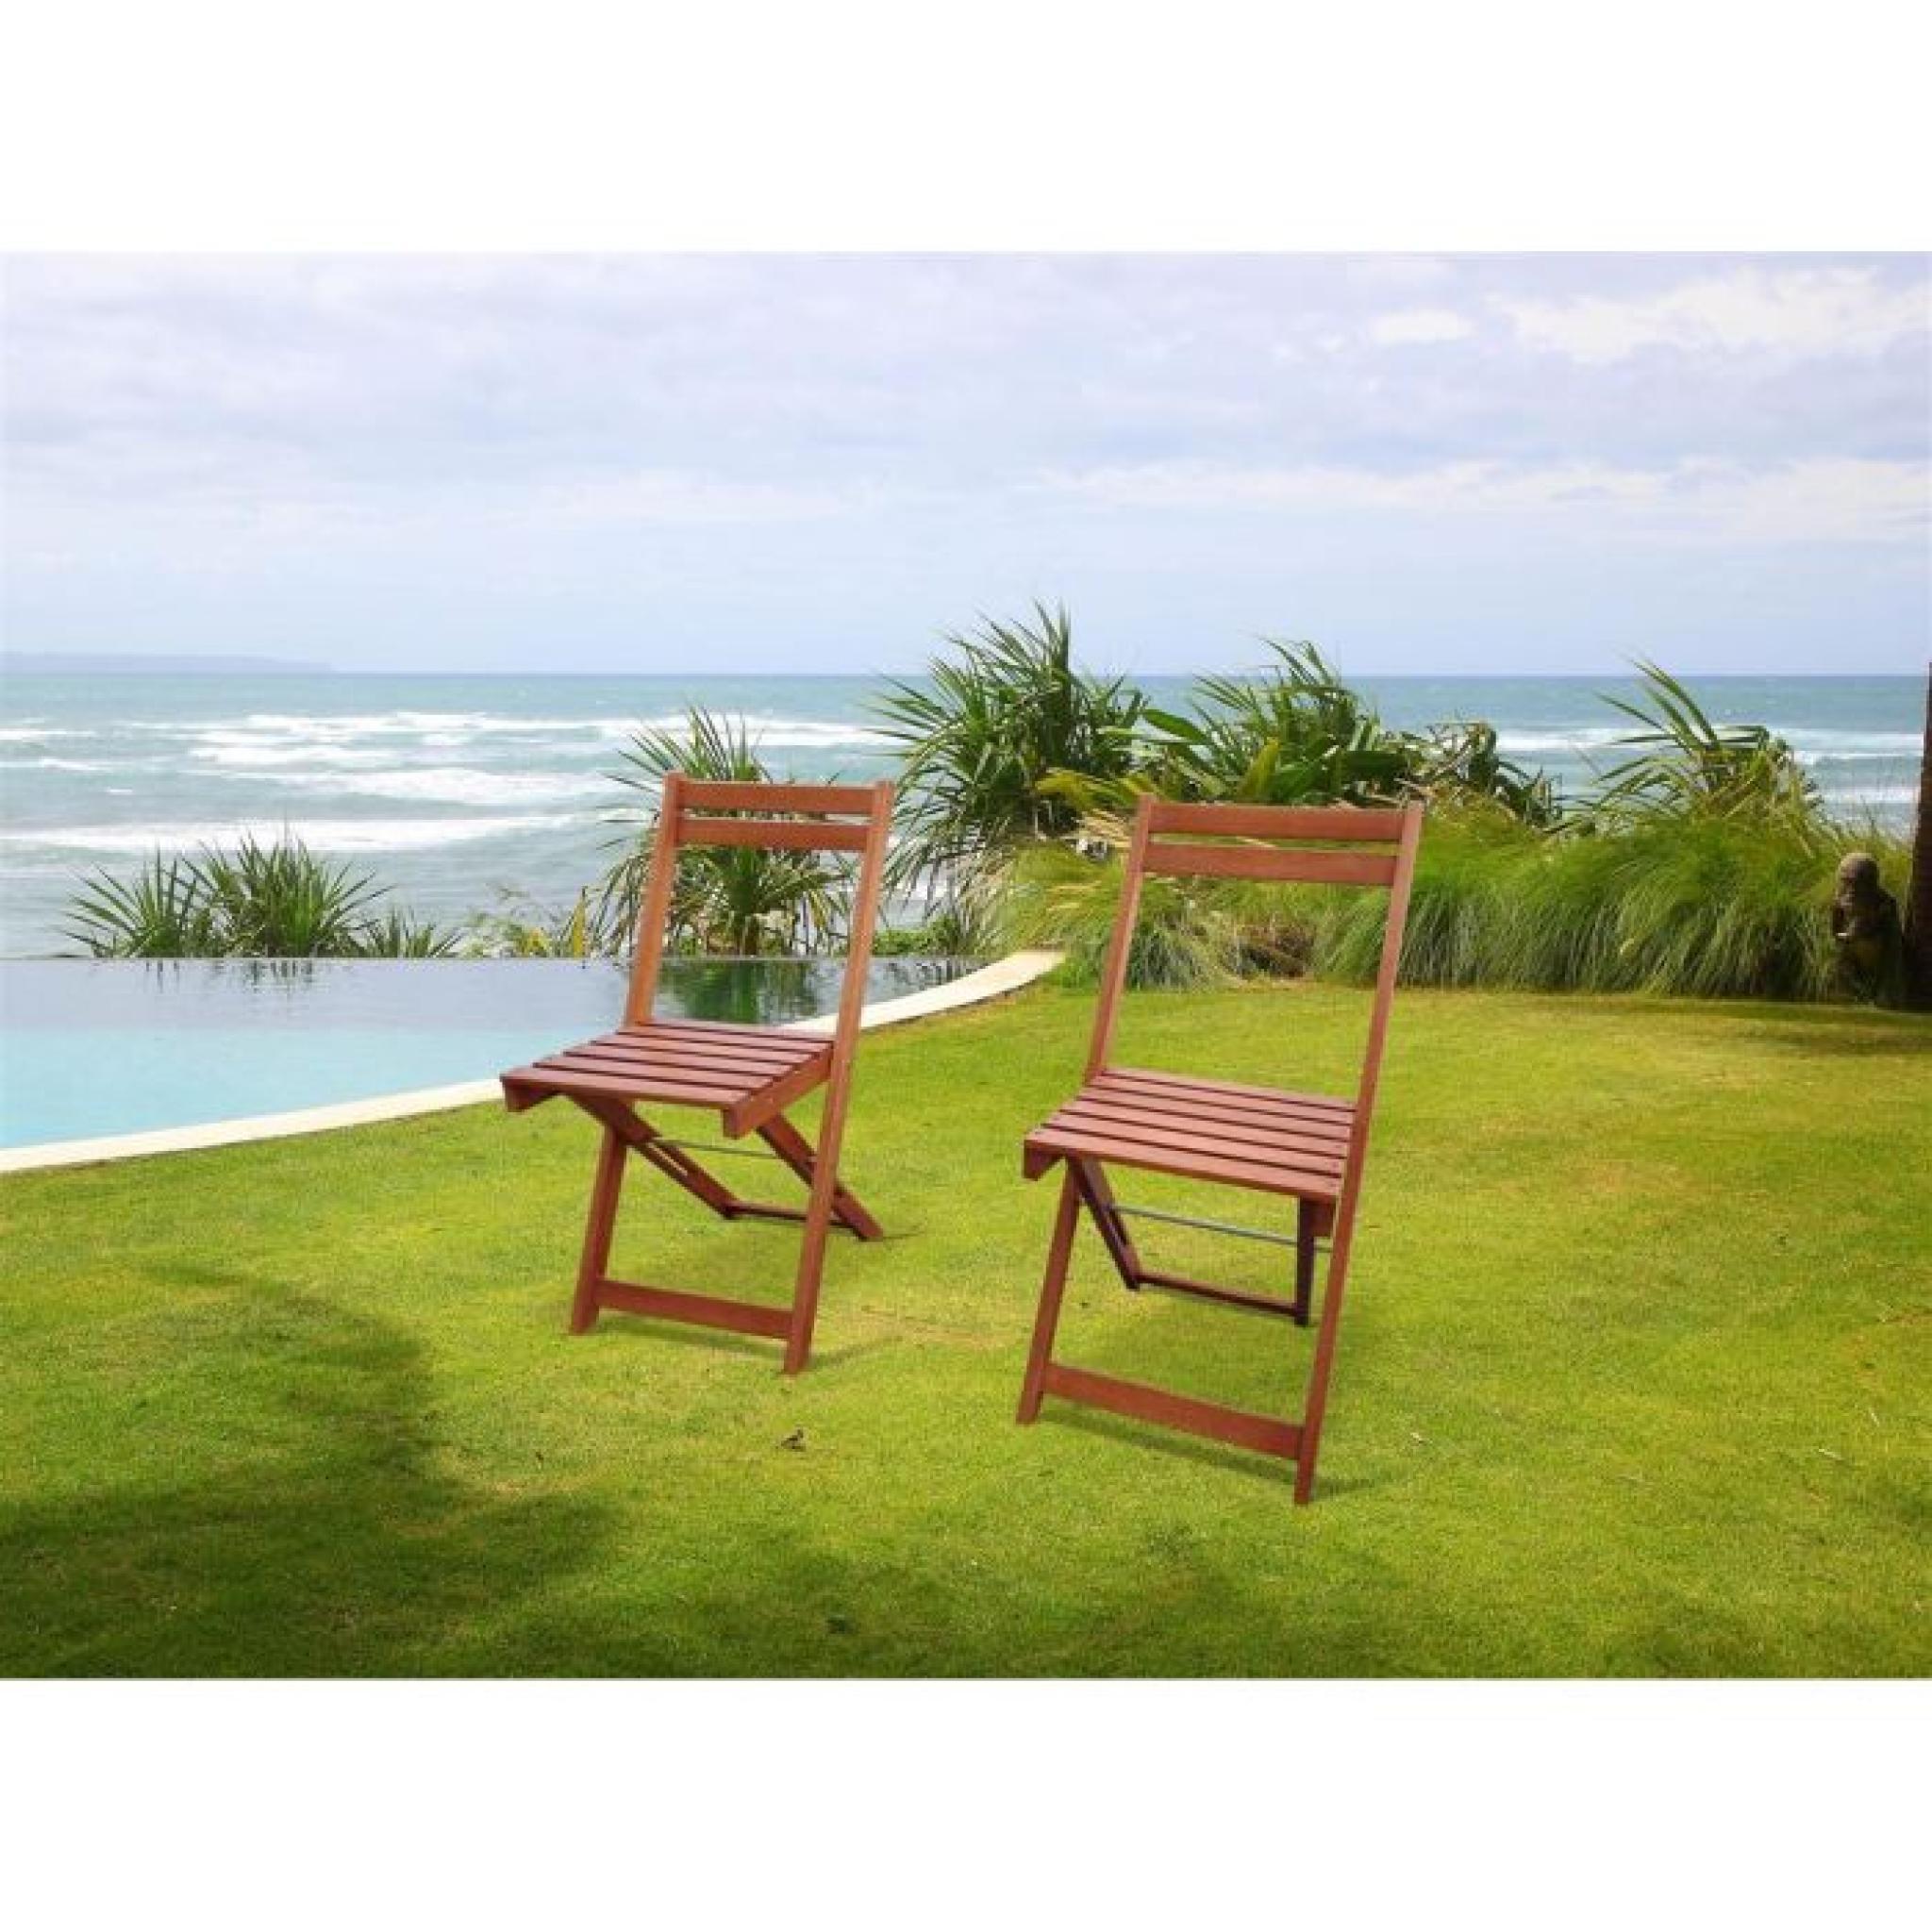 Salon de jardin 1 table 2 chaises eucalyptus FSC - Achat/Vente salon ...